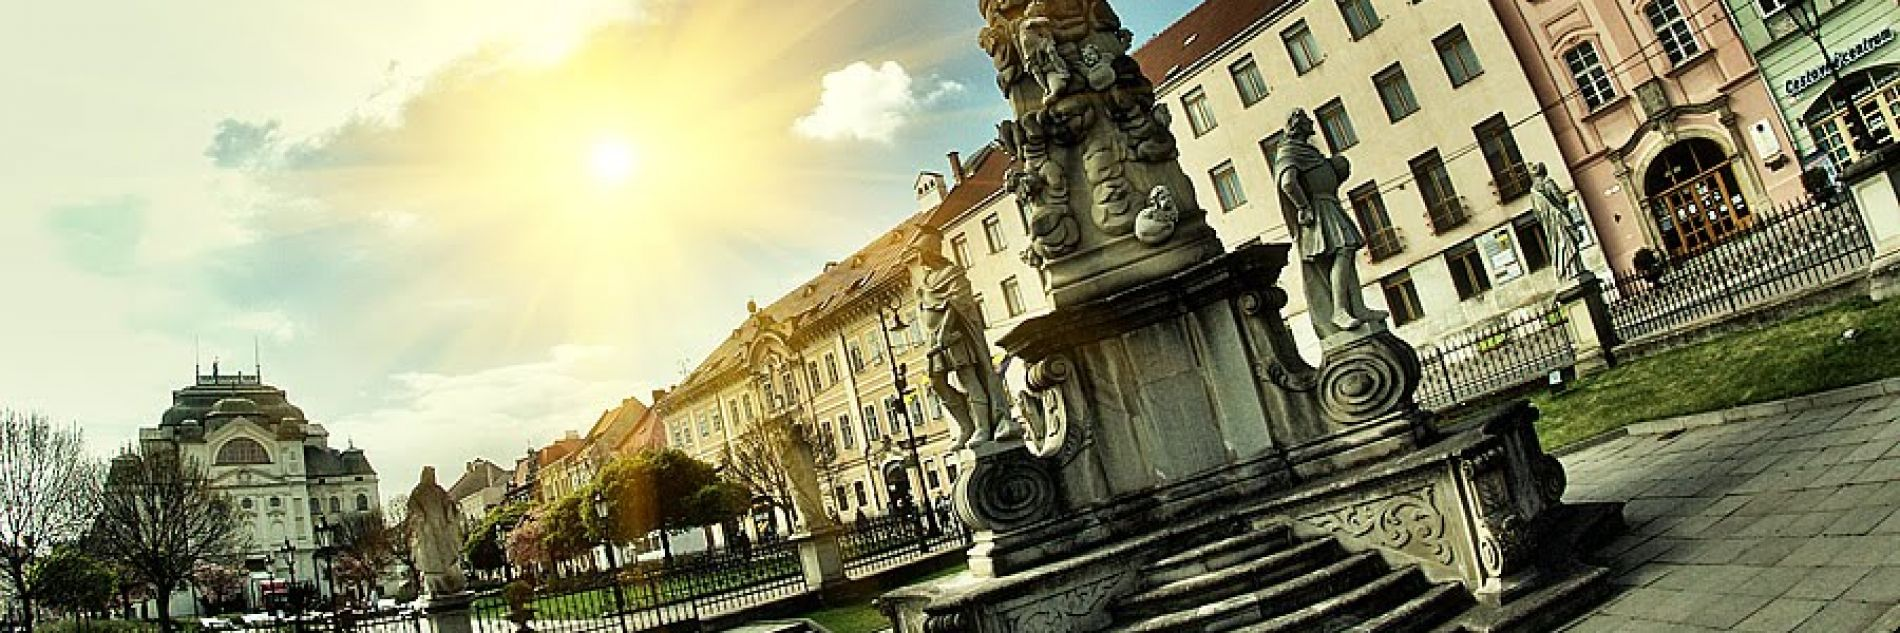 8f7507b250c8f Špeciálne ponuky :: GOLDEN ROYAL Boutique hotel & SPA **** Košice